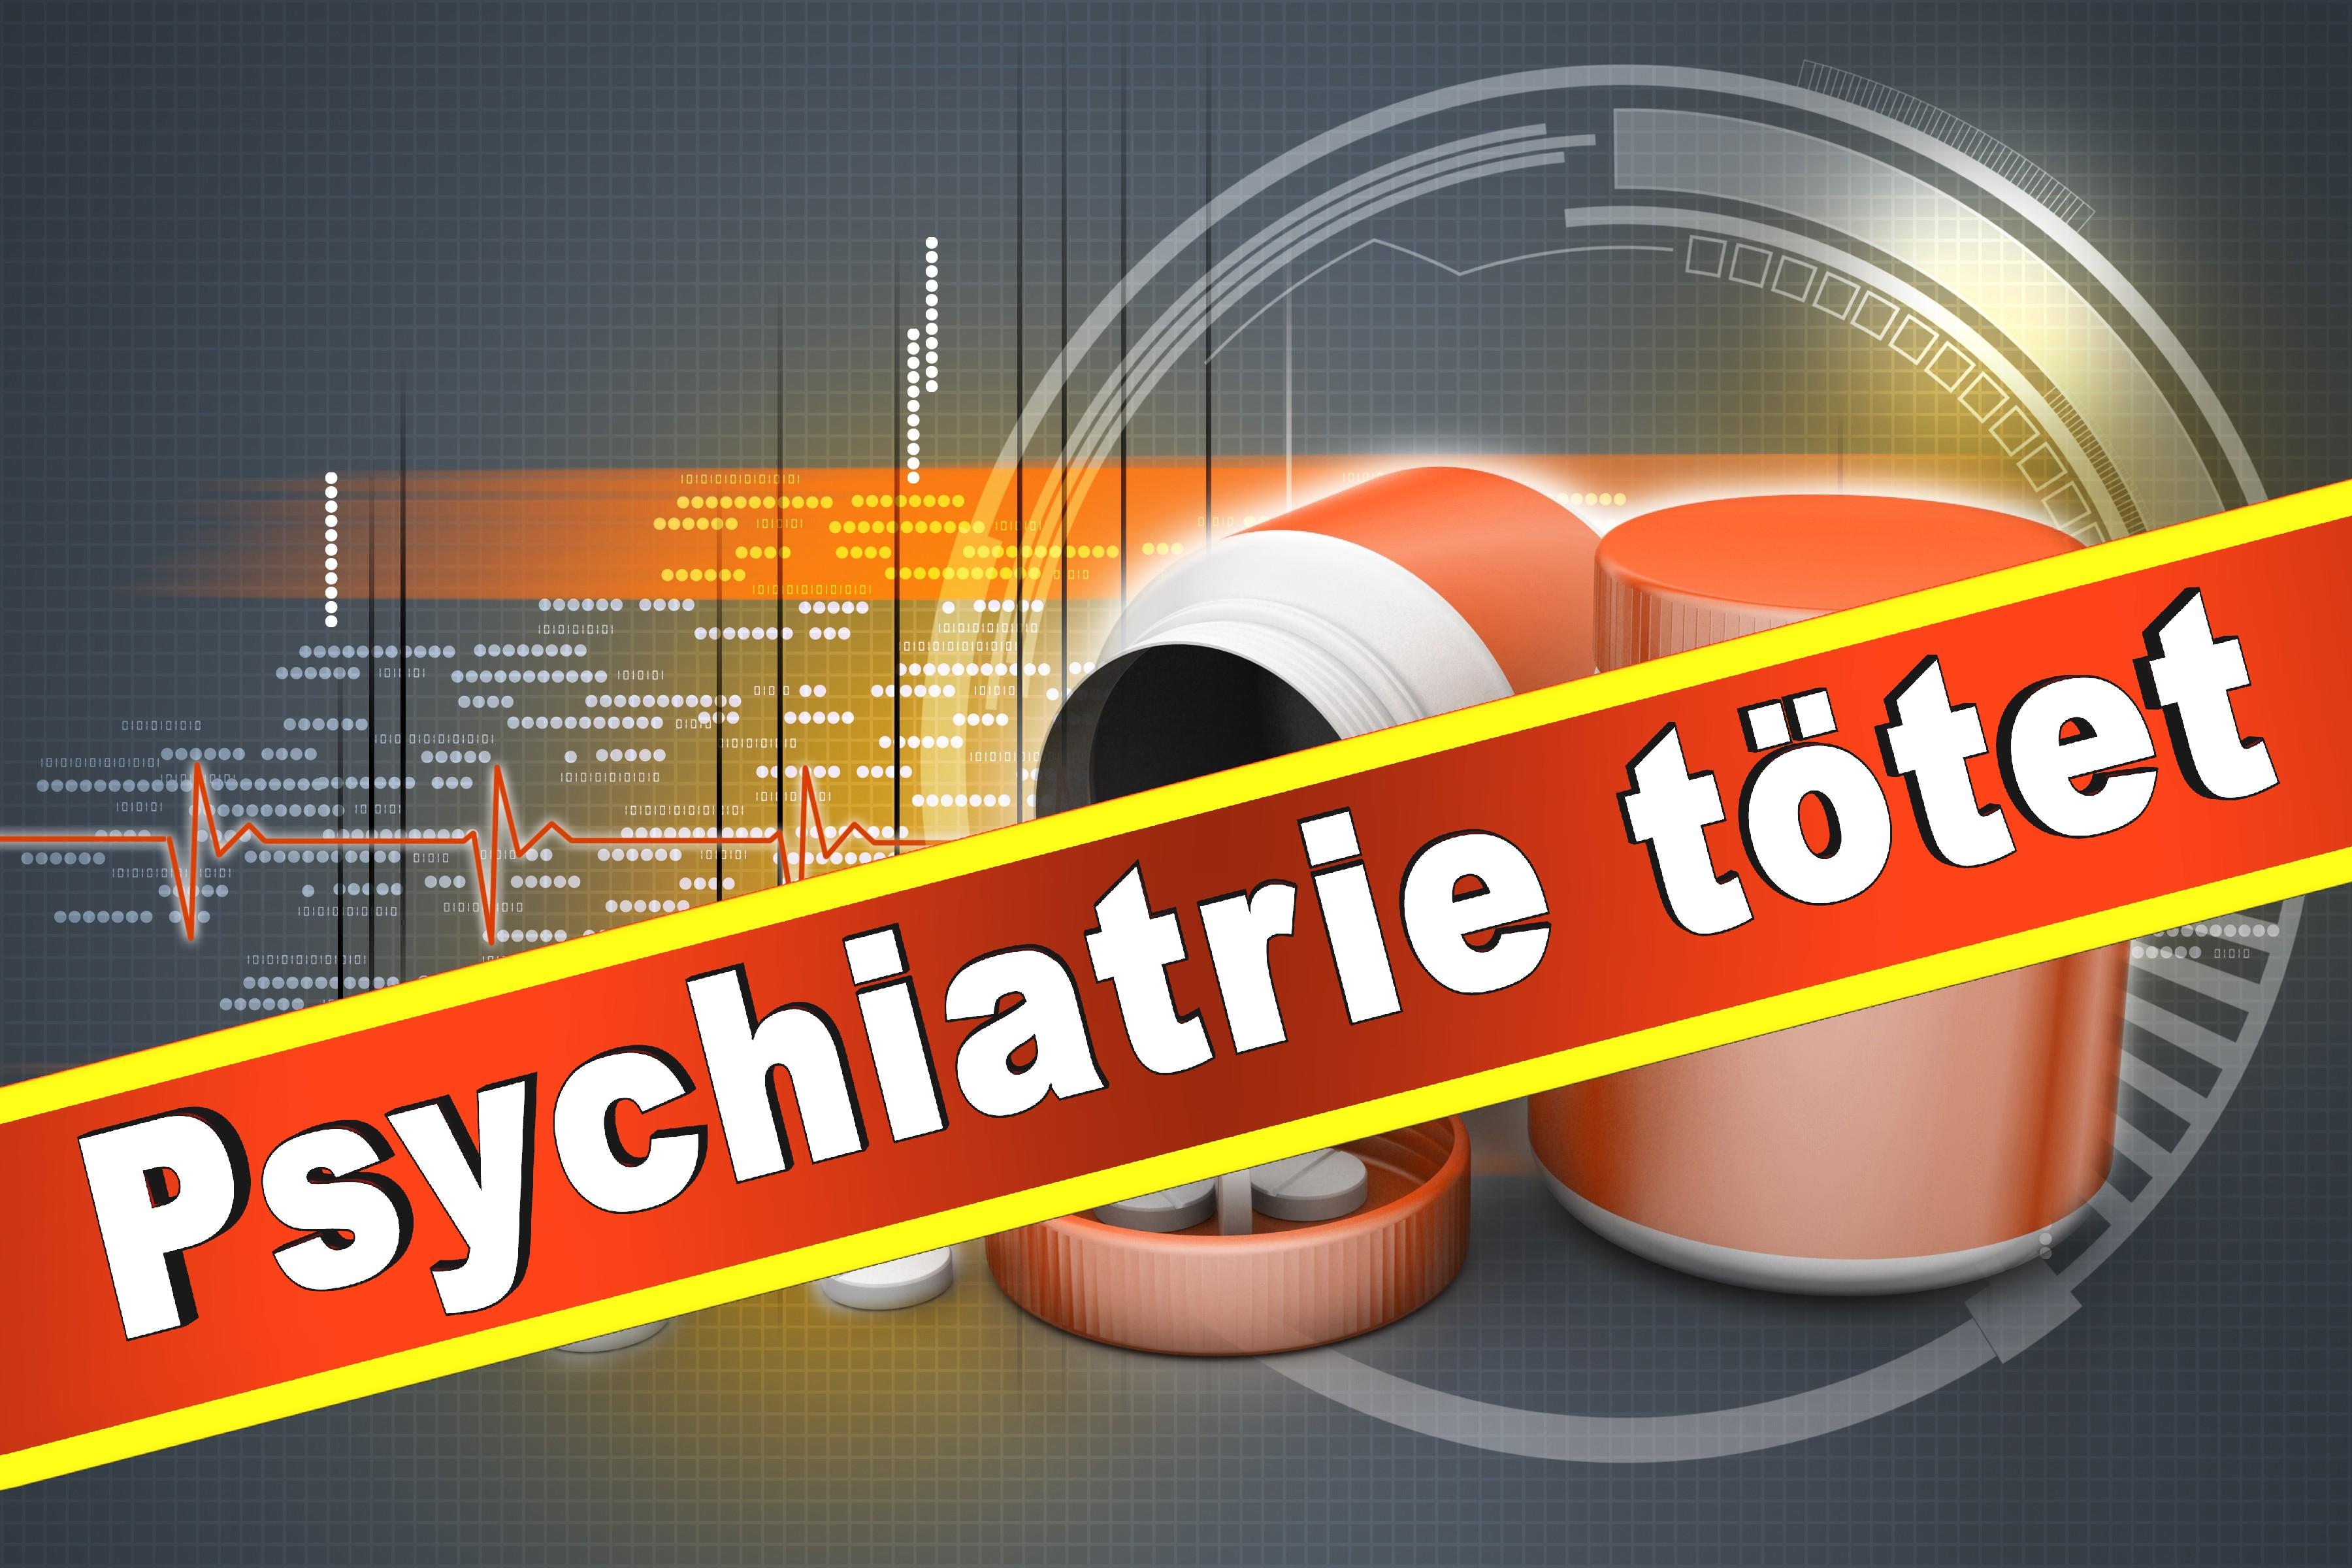 Carl Ernst Von Schönfeld Tagesklinik Psychiatrie Tod Bethel Psychiater Korruption Gift Zwangspsychiatrie Unterbringung (8)